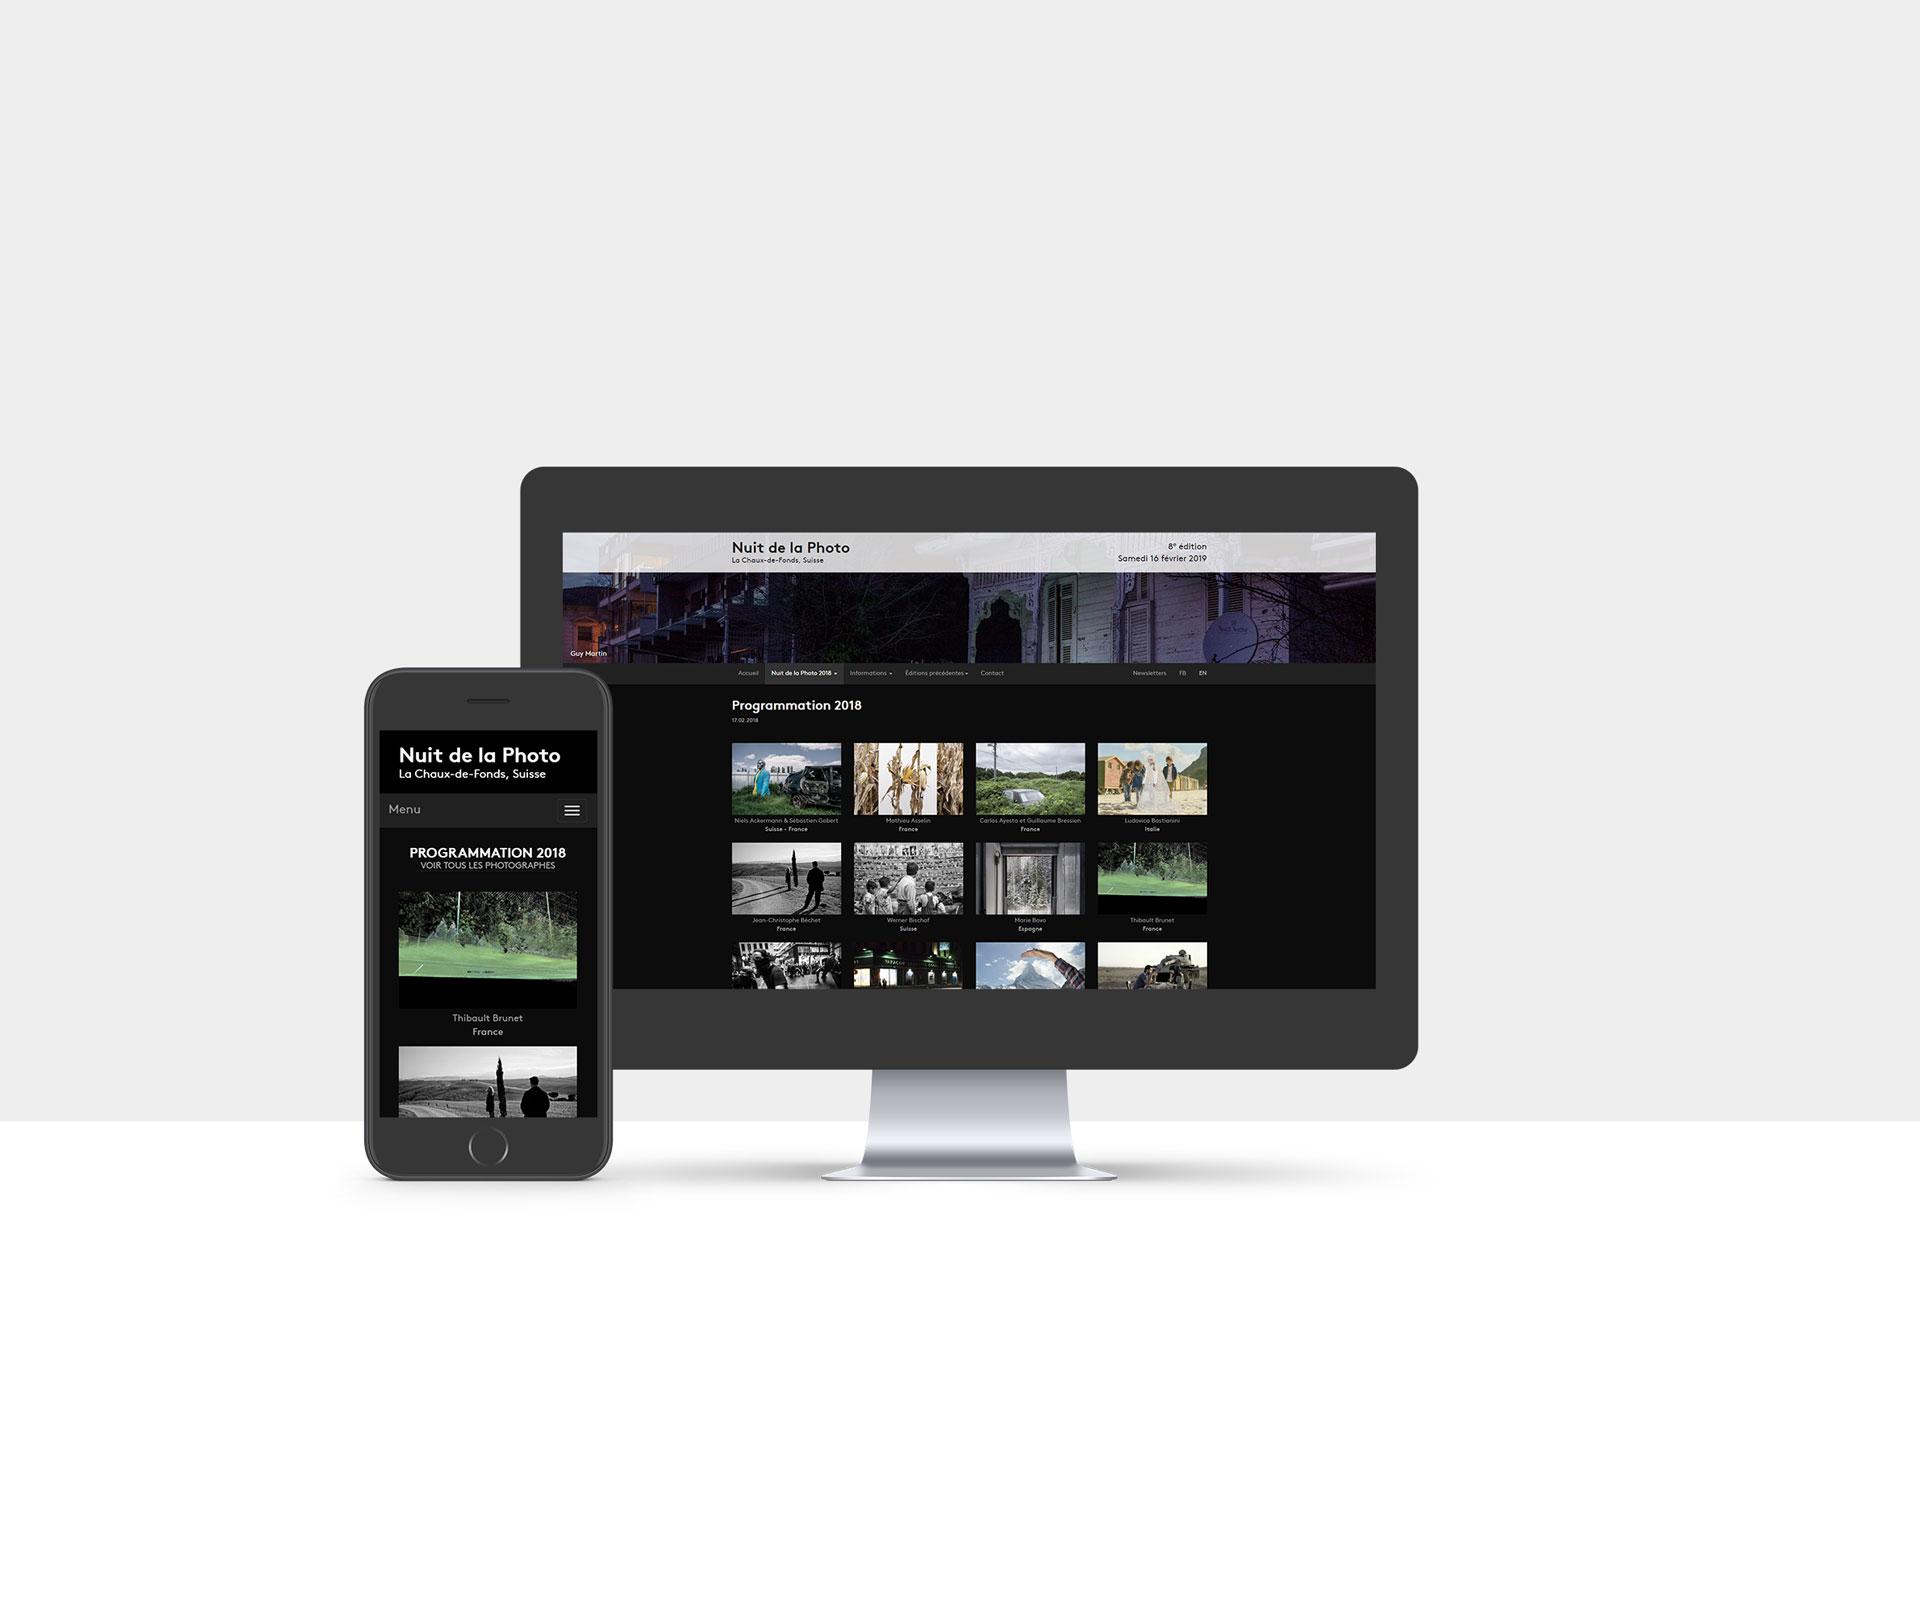 Site Internet de la Nuit de la Photo